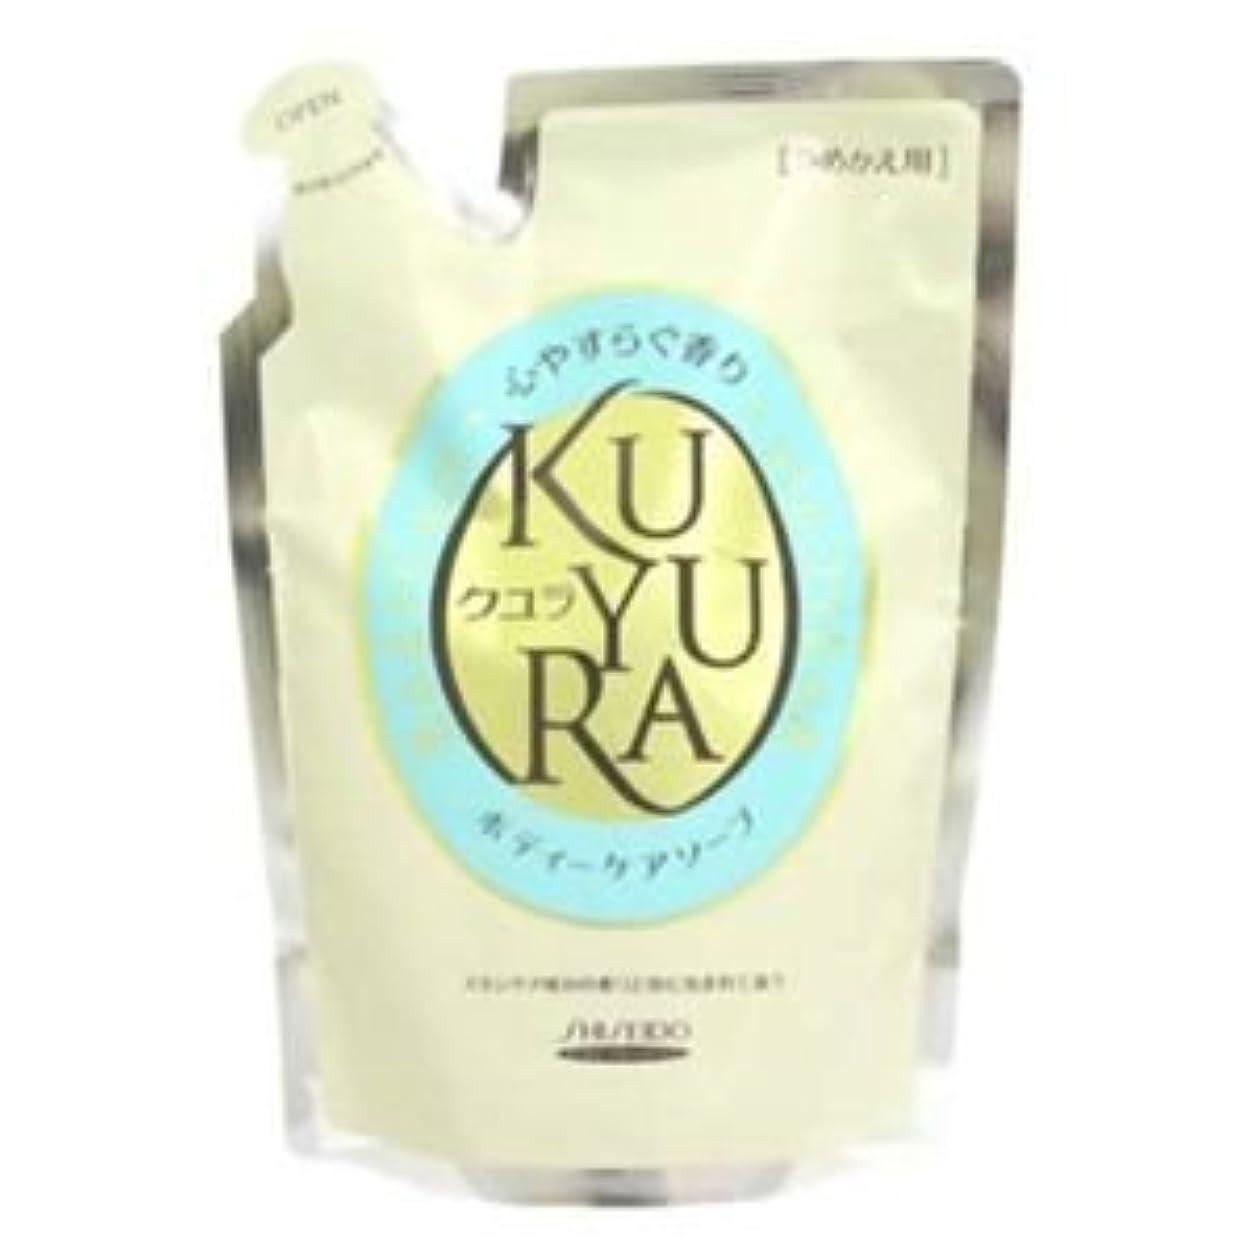 首ミシン硫黄クユラ ボディケアソープ 心やすらぐ香り つめかえ用400ml 4セット